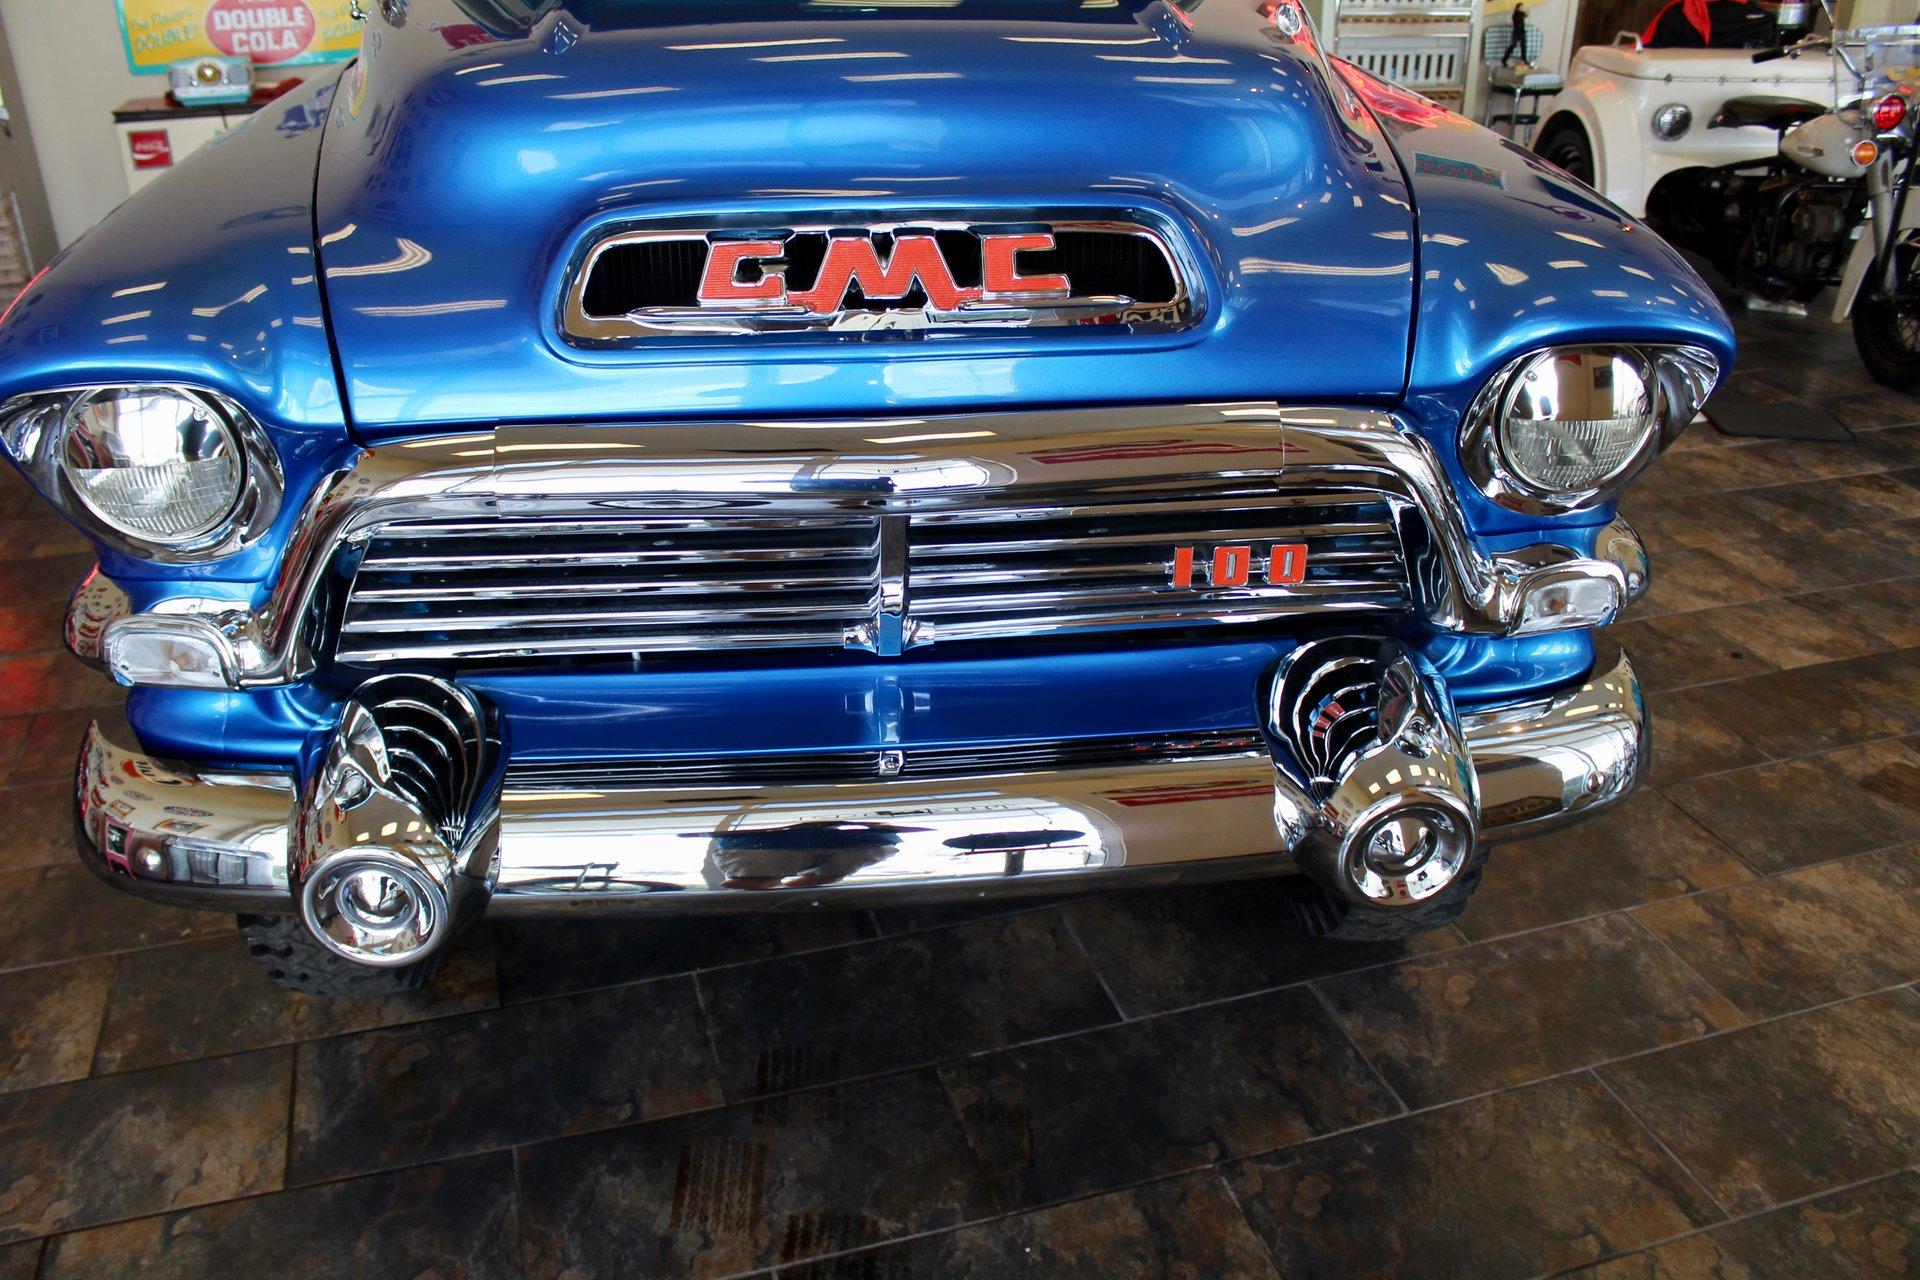 1957 GMC Napco 100 4x4 for sale #117355 | MCG